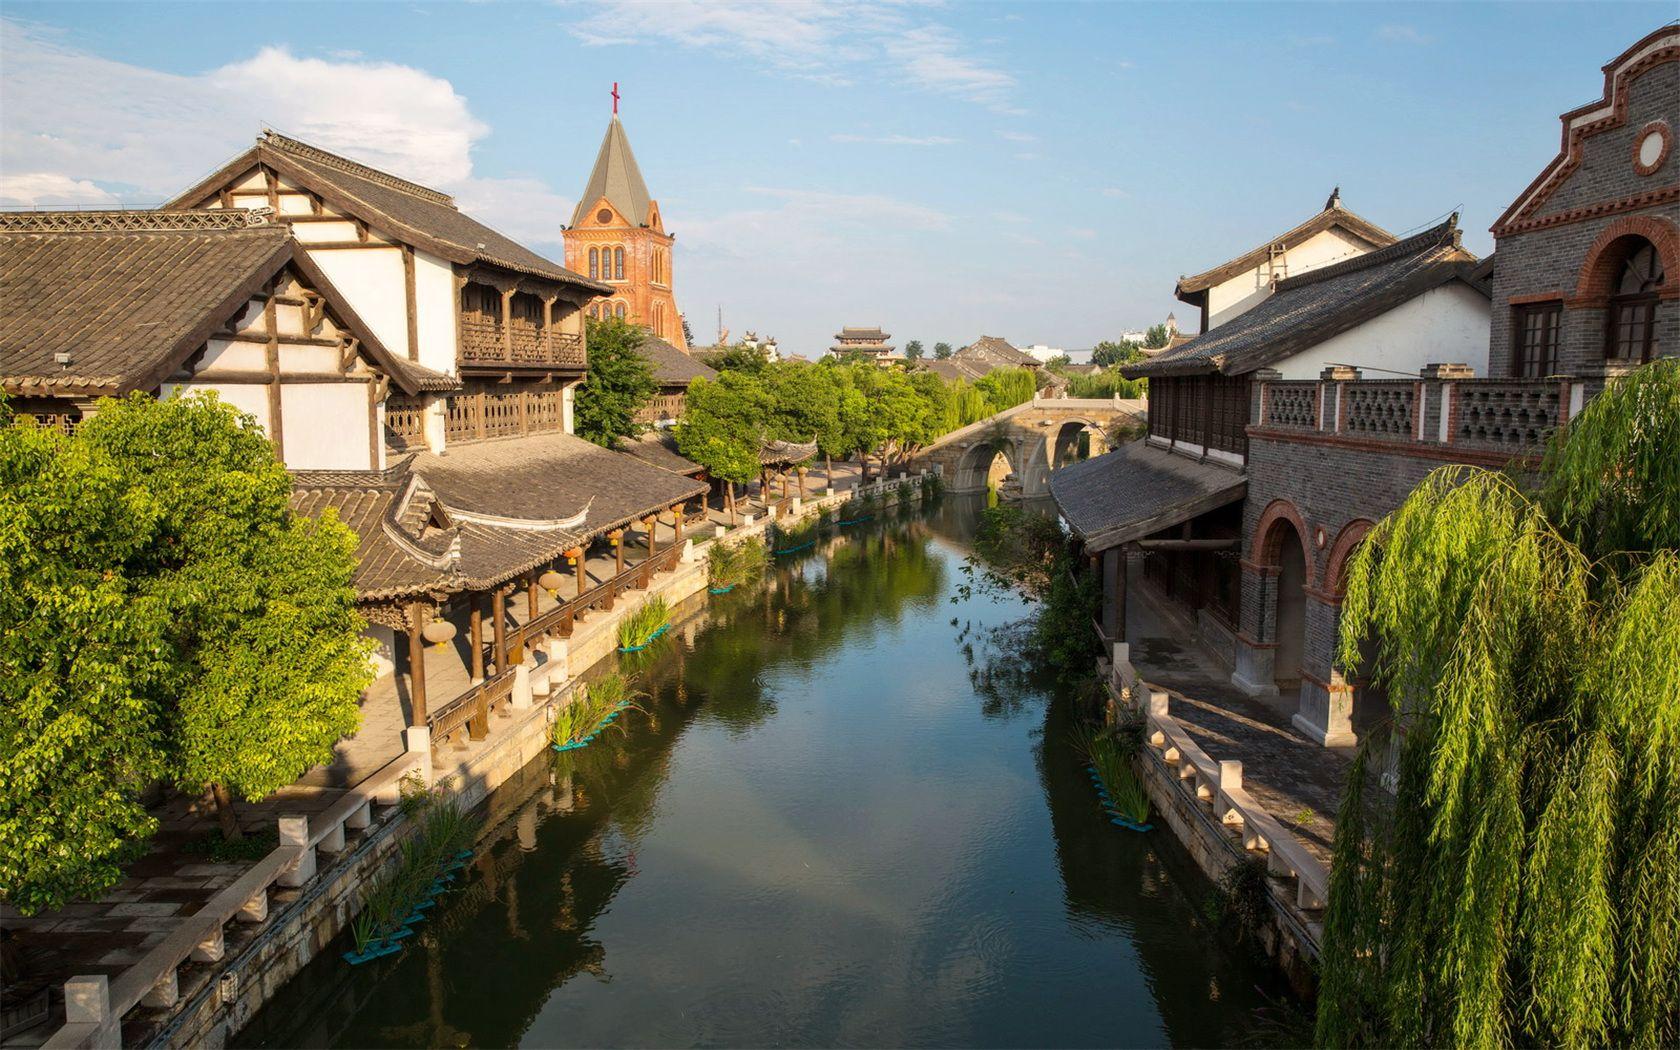 风景 古镇 建筑 旅游 摄影 1680_1050